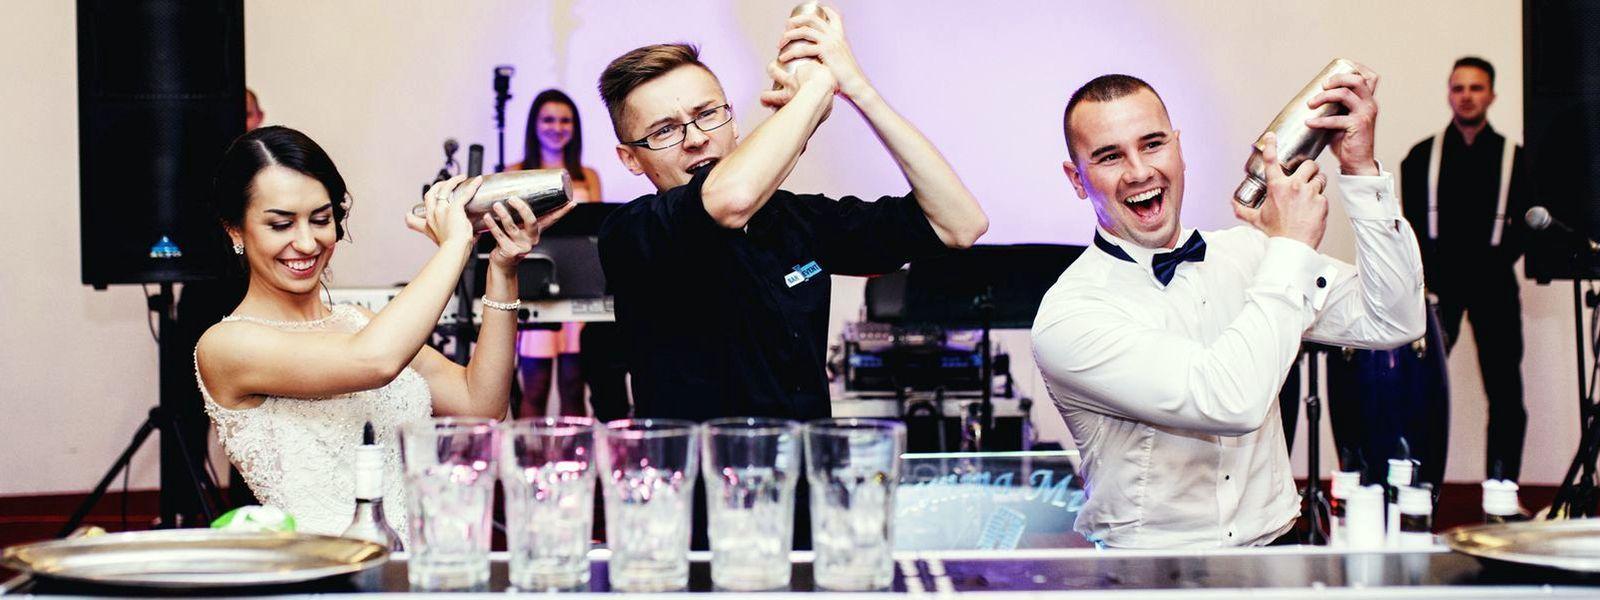 Doświadczony barman to doskonałe urozmaicenie eventu